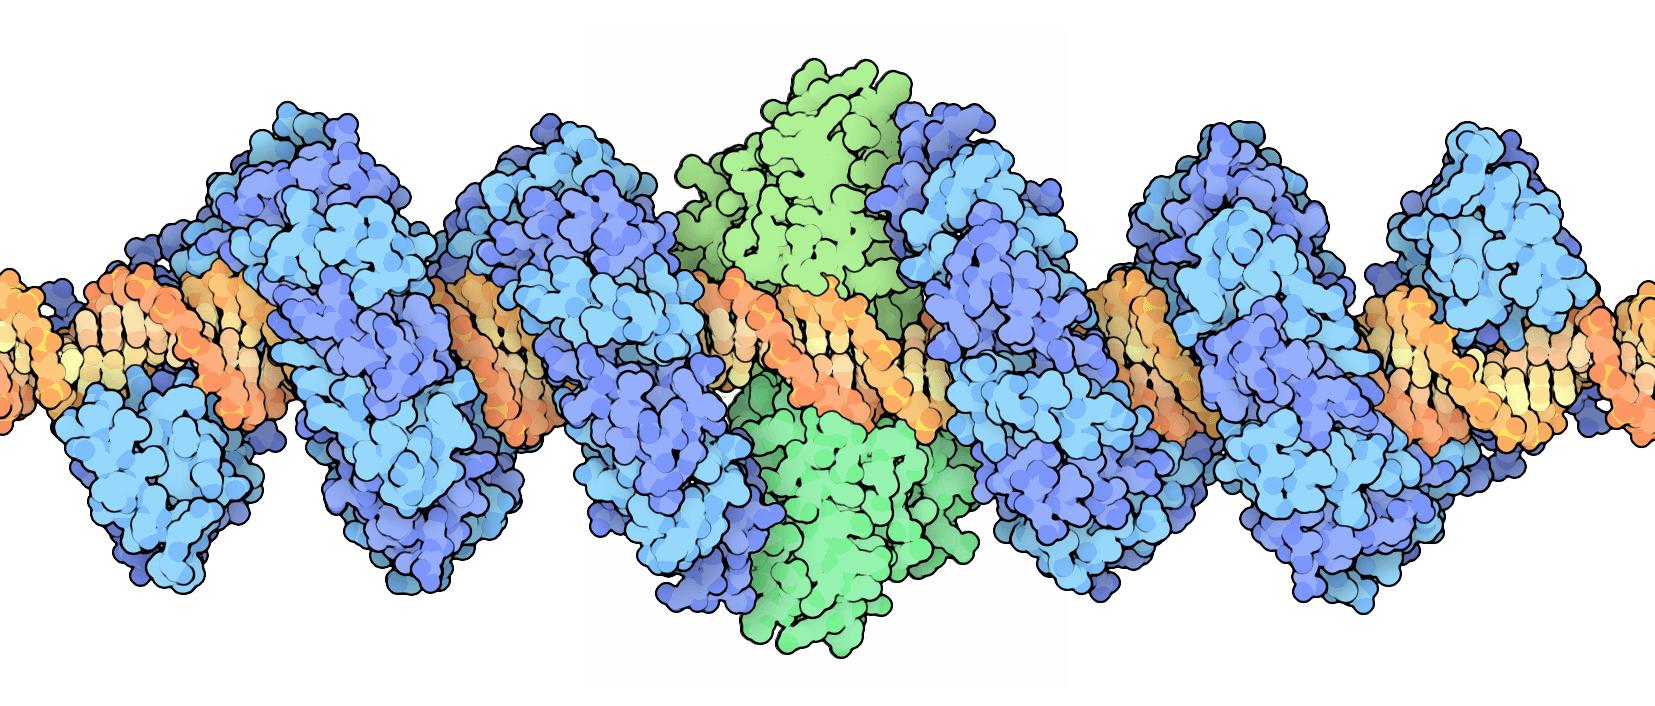 Componentes del sistema TALENs de edición del genoma sobre la cadena de ADN que reconocen de forma específica. Imagen: By David Goodsell (RCSB PDB Molecule of the Month) [CC BY 3.0 (http://creativecommons.org/licenses/by/3.0)].